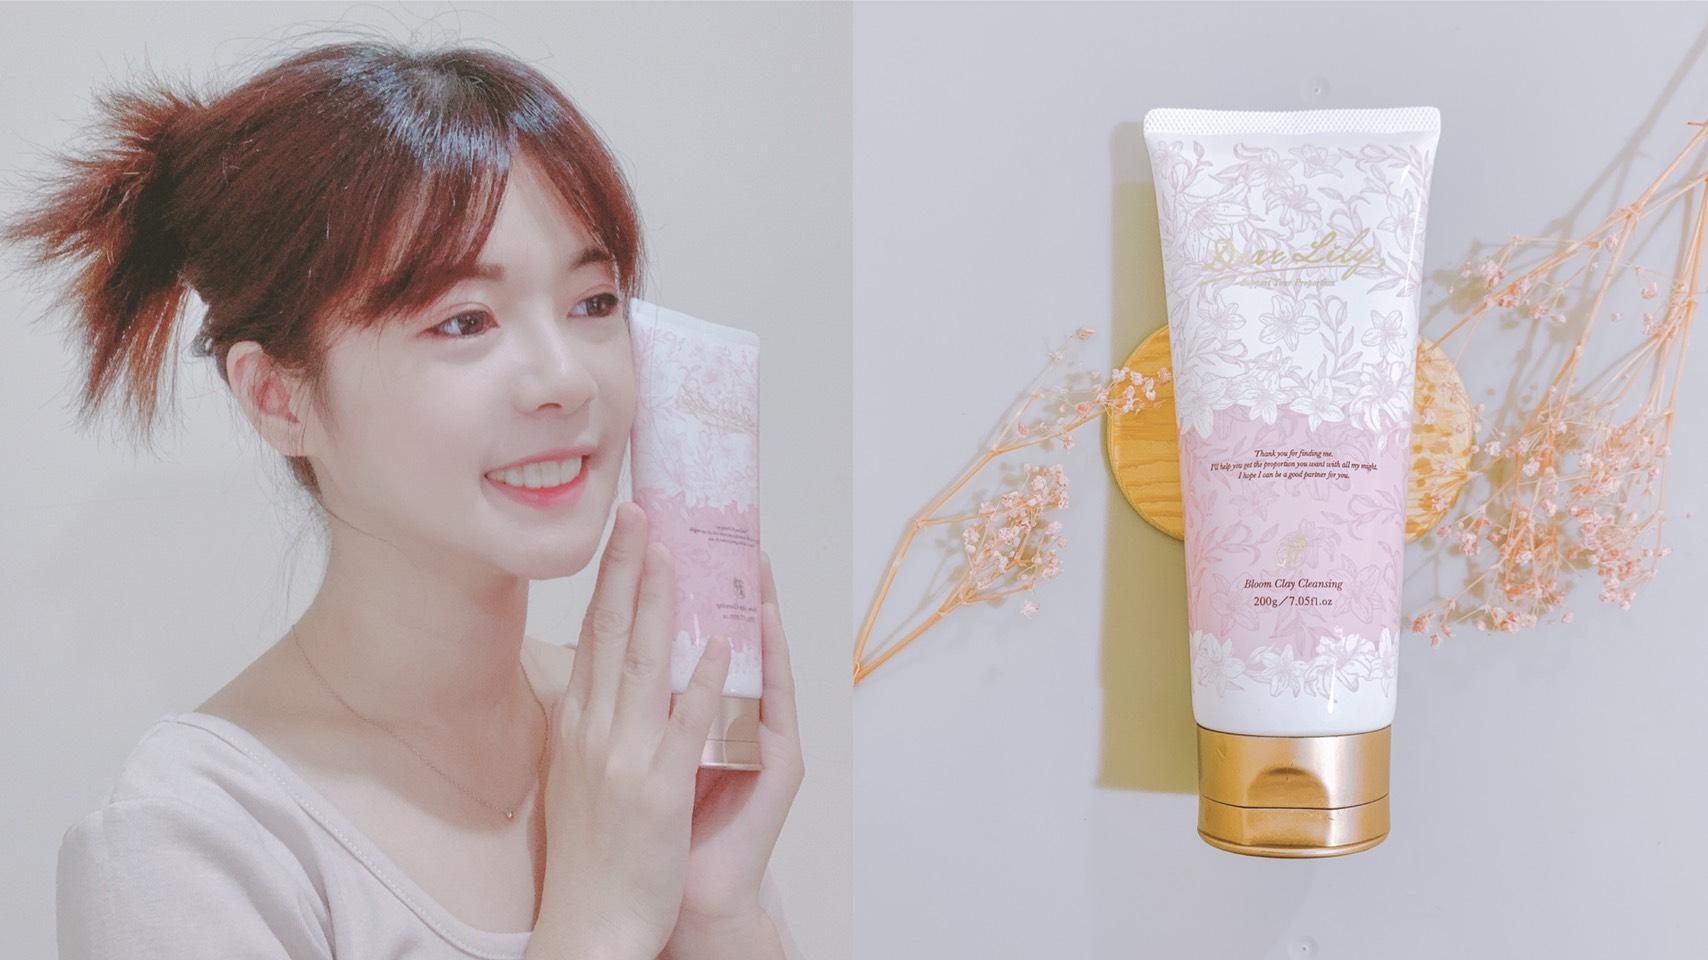 卸妝洗臉二合一-Dear Lily-BOOM Clay美容洗卸洗面乳開箱,日本樂天卸妝推薦銷售第一的洗卸洗面乳,懶人居家保養神器。